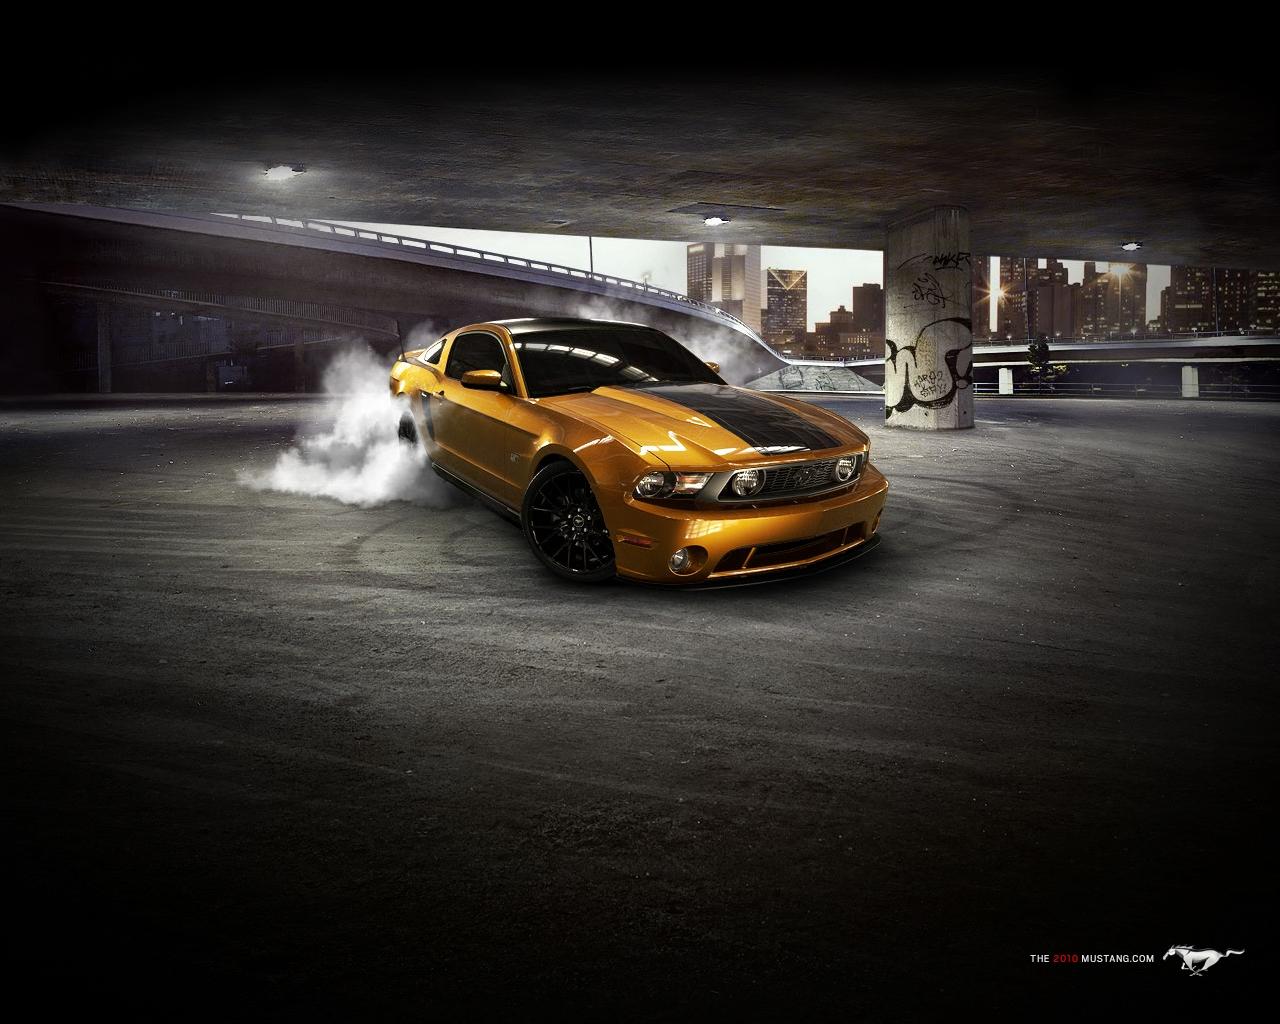 http://3.bp.blogspot.com/-MfTXa5xGbzc/UFEV1JYP4aI/AAAAAAAAKHA/iD7WFhy9CBk/s1600/Fondos-de-pantalla-HD-autos-mustang-Wallpaper.jpg